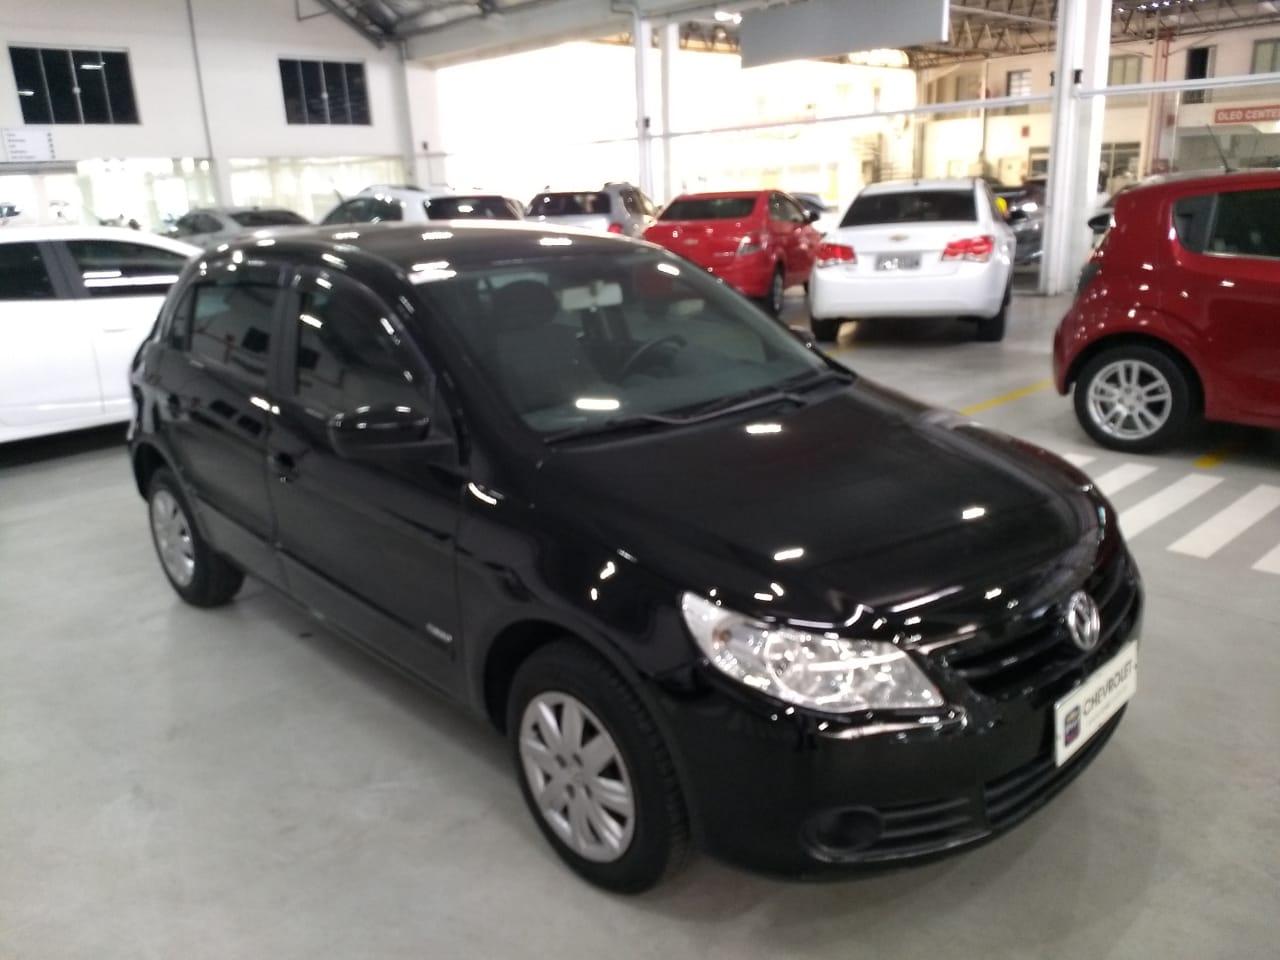 Volkswagen Gol Hatch 1.0L 2012